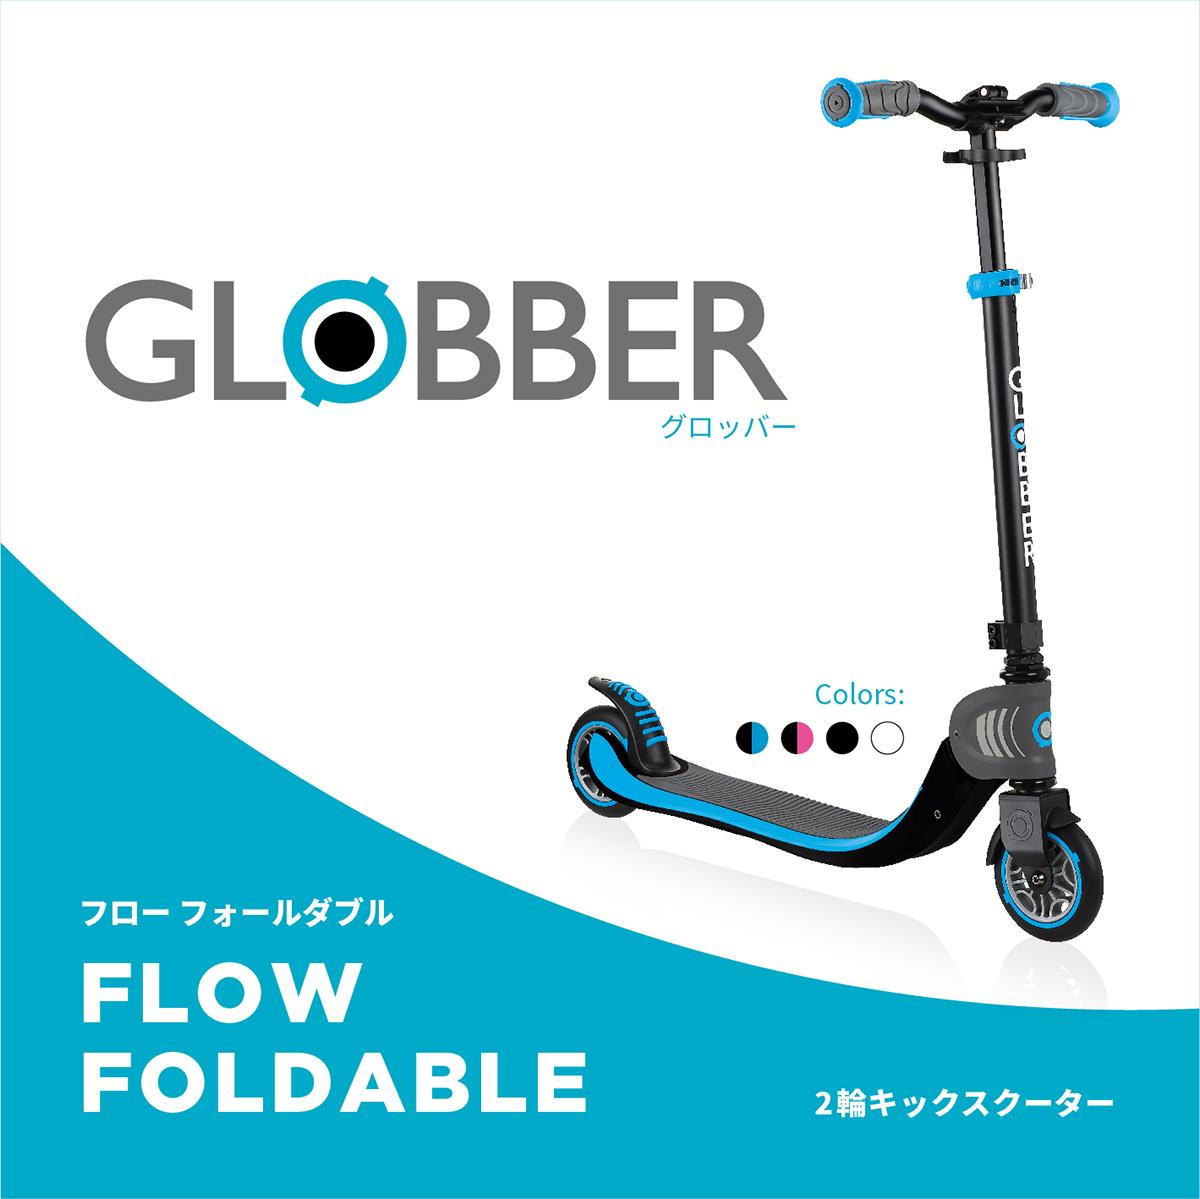 GLOBBER グロッバー フロー フォールダブル | キックボード 折りたたみ 大人 子ども 6歳